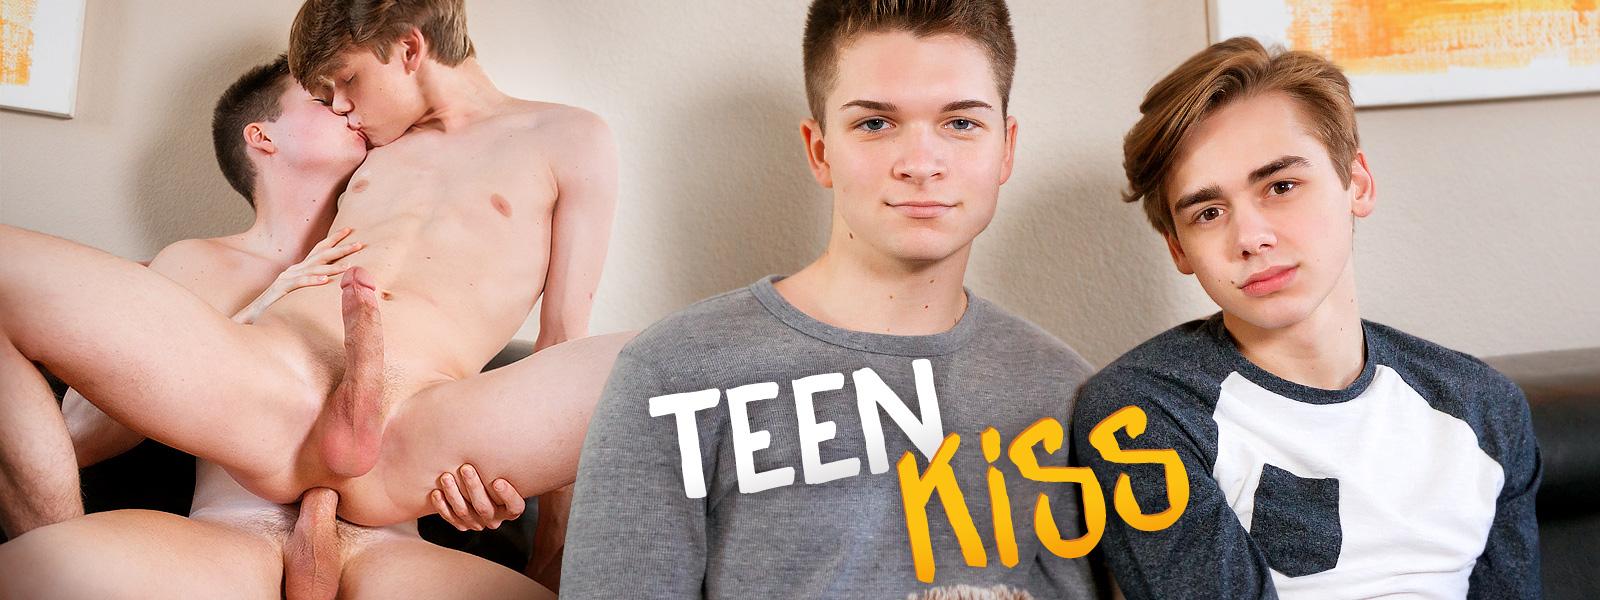 Teen Kiss